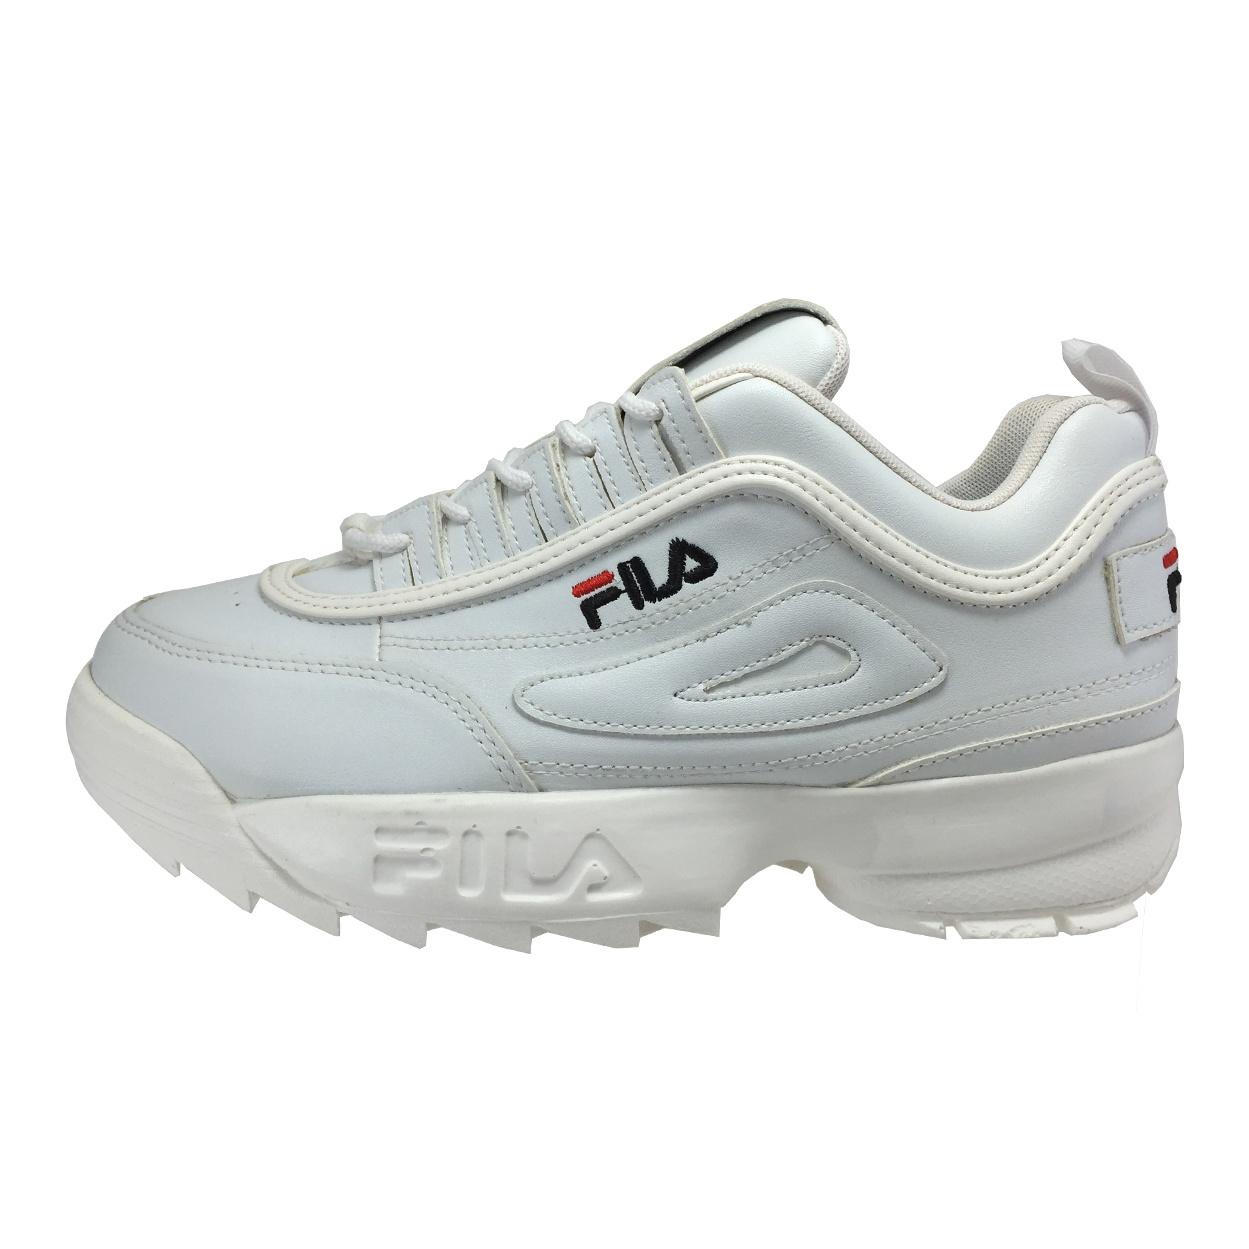 کفش ورزشی زنانه مدل B102 رنگ سفید